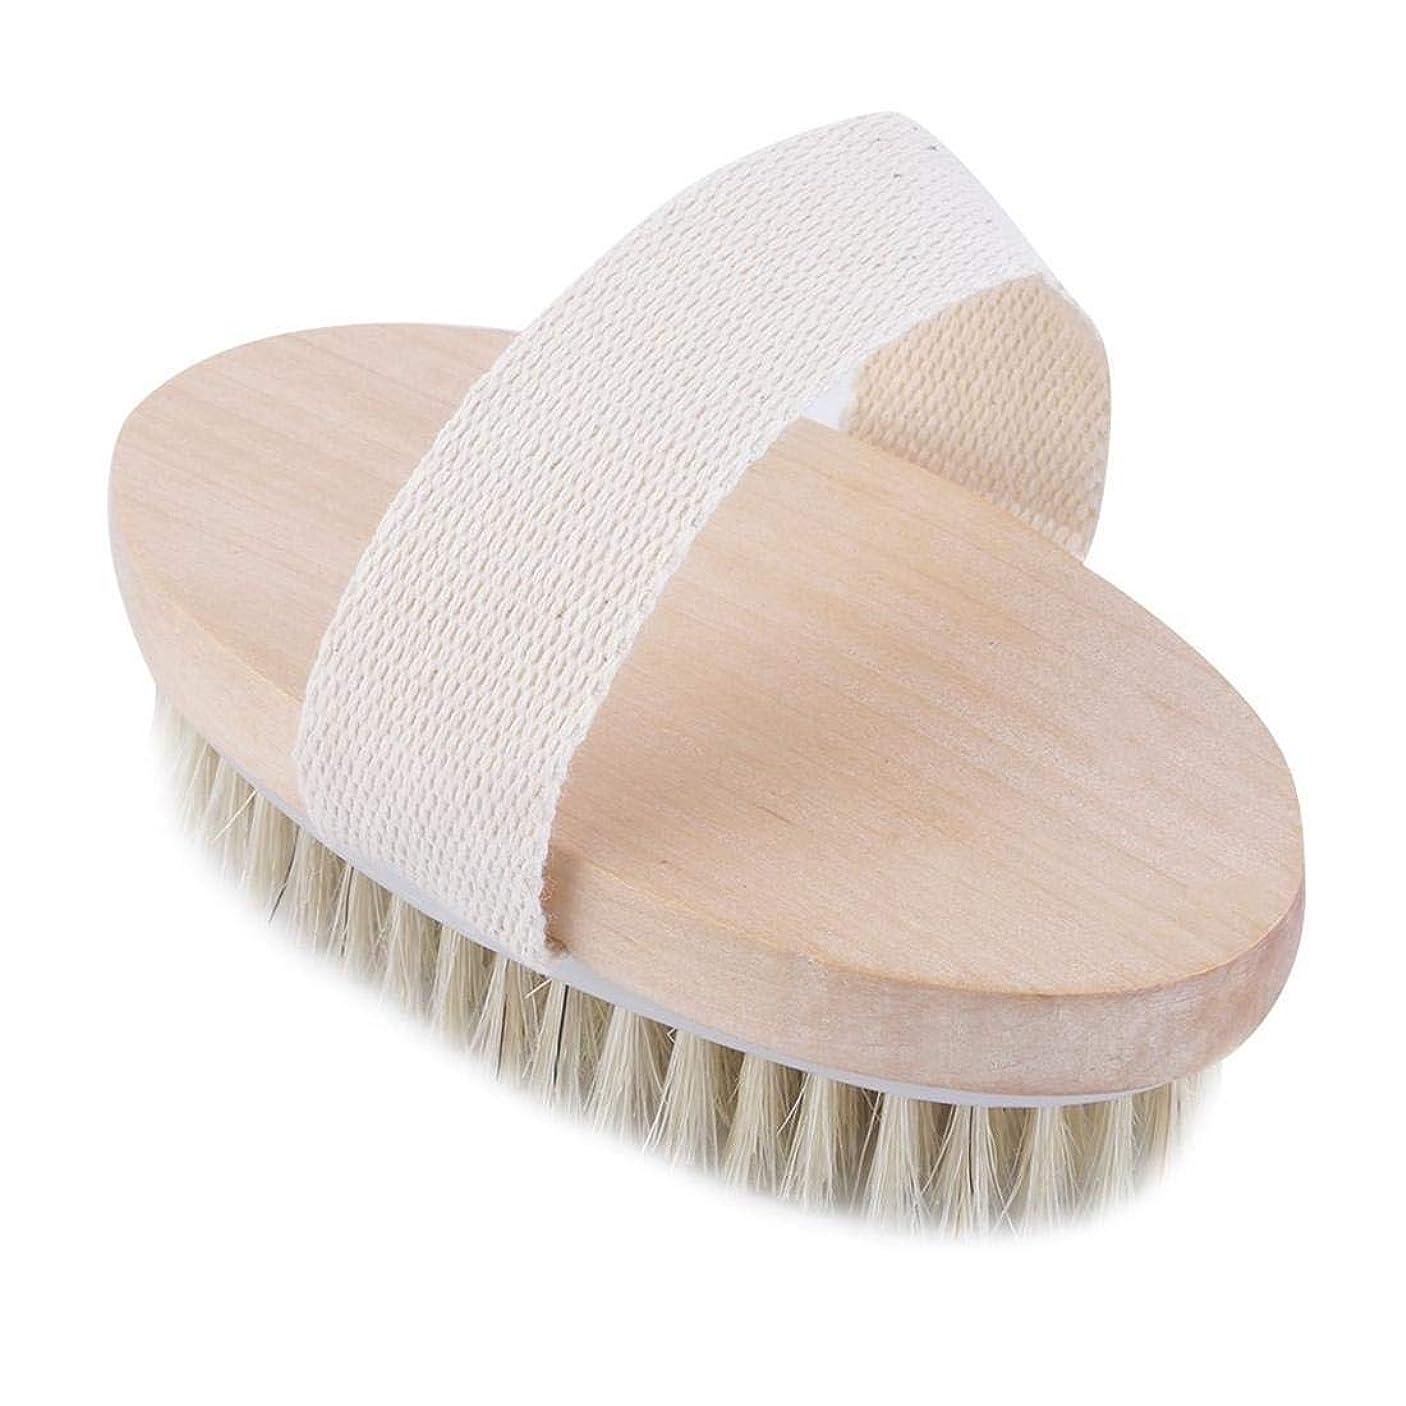 位置づける入浴助言するボディブラシ 丸型 高級な豚の髪100% 角質除去 バス用品 天然素材 低刺激